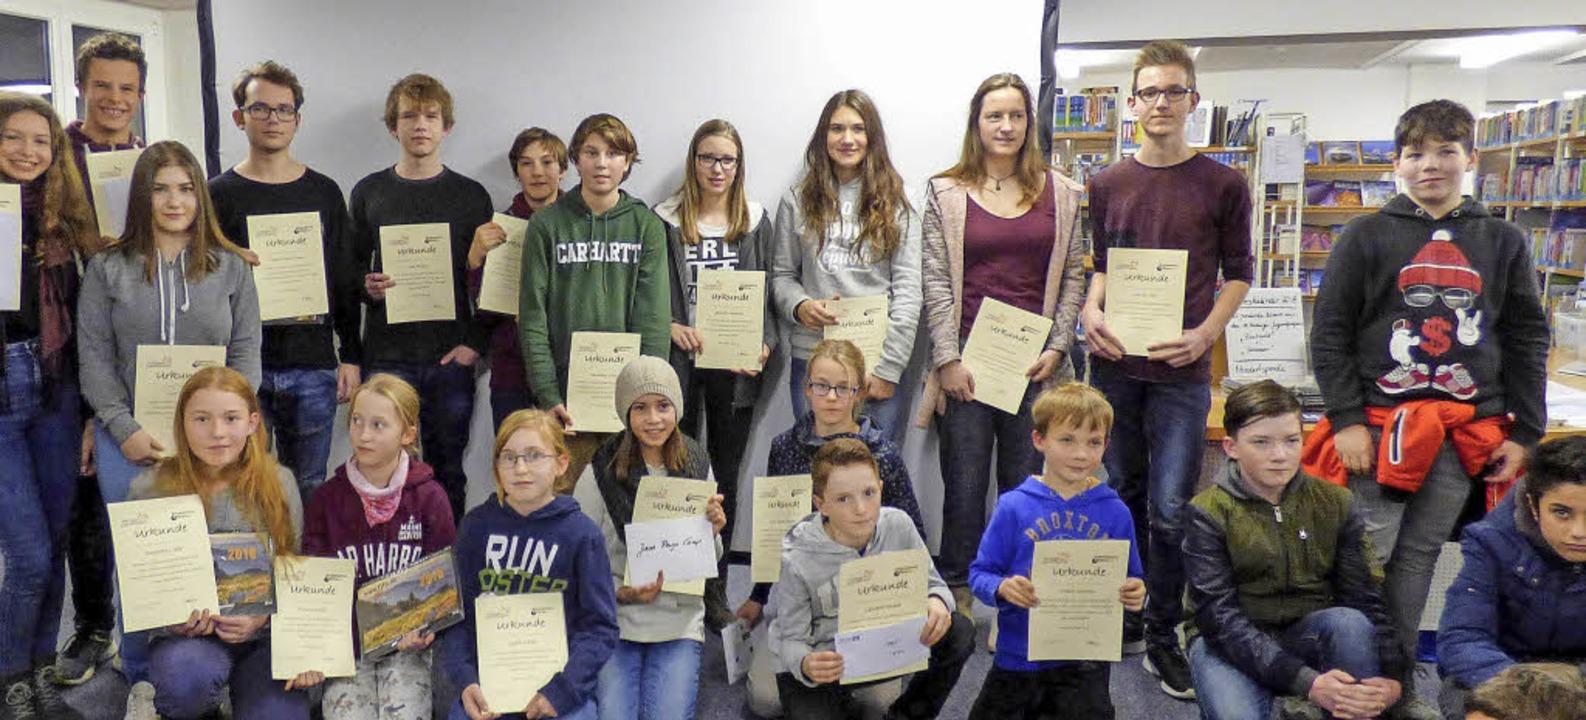 Die Gewinner und Gewinnerinnen des die...n Jugendfotopreises mit ihren Urkunden    Foto: Jade Decker/Privat